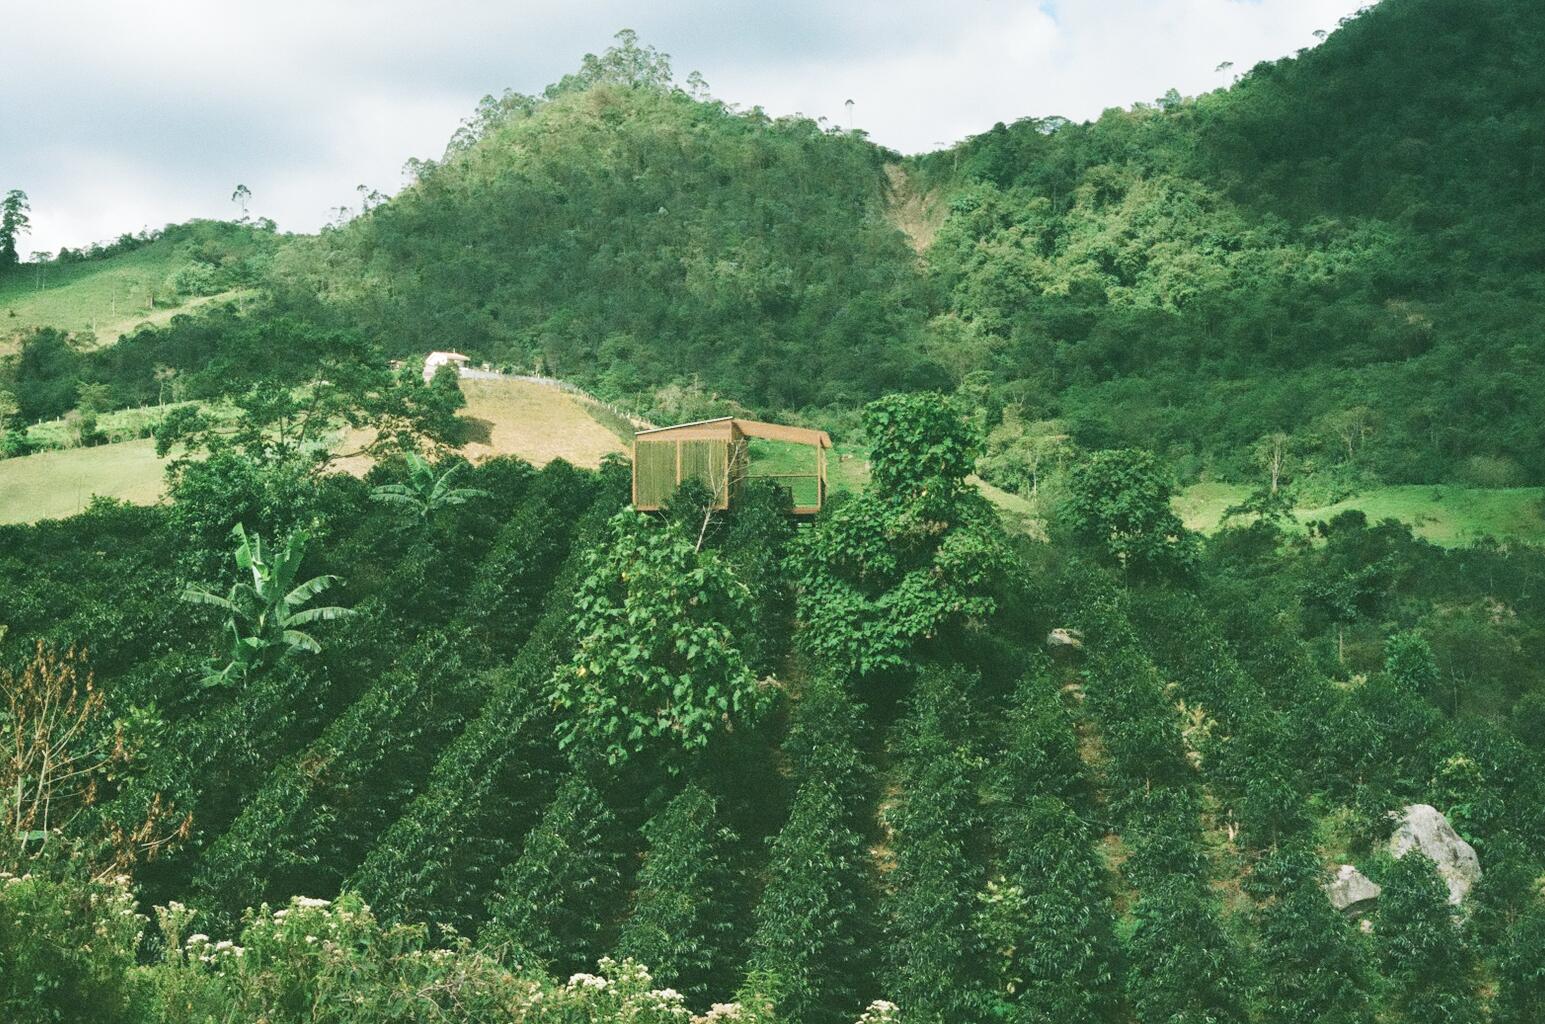 LA PALMA Y EL TUCAN Estate, taken during our Colombia origin trip in August 2015.